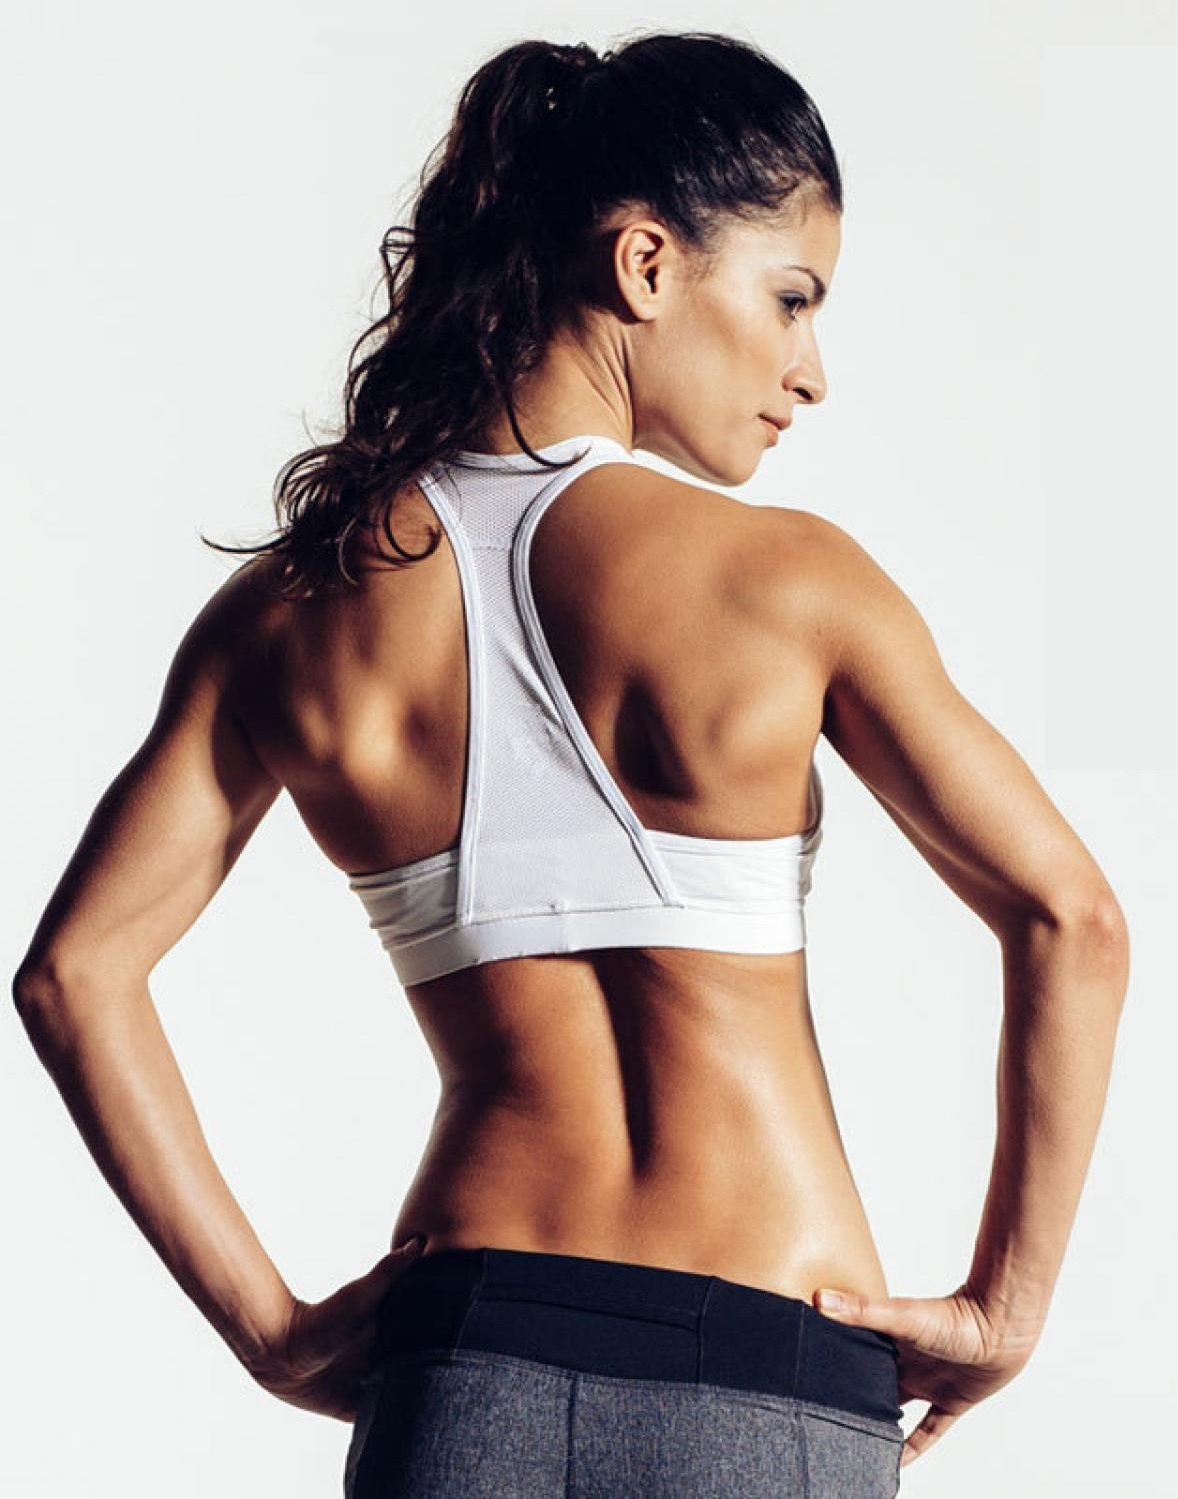 Çekici göğüslere sahip olmak için egzersizler